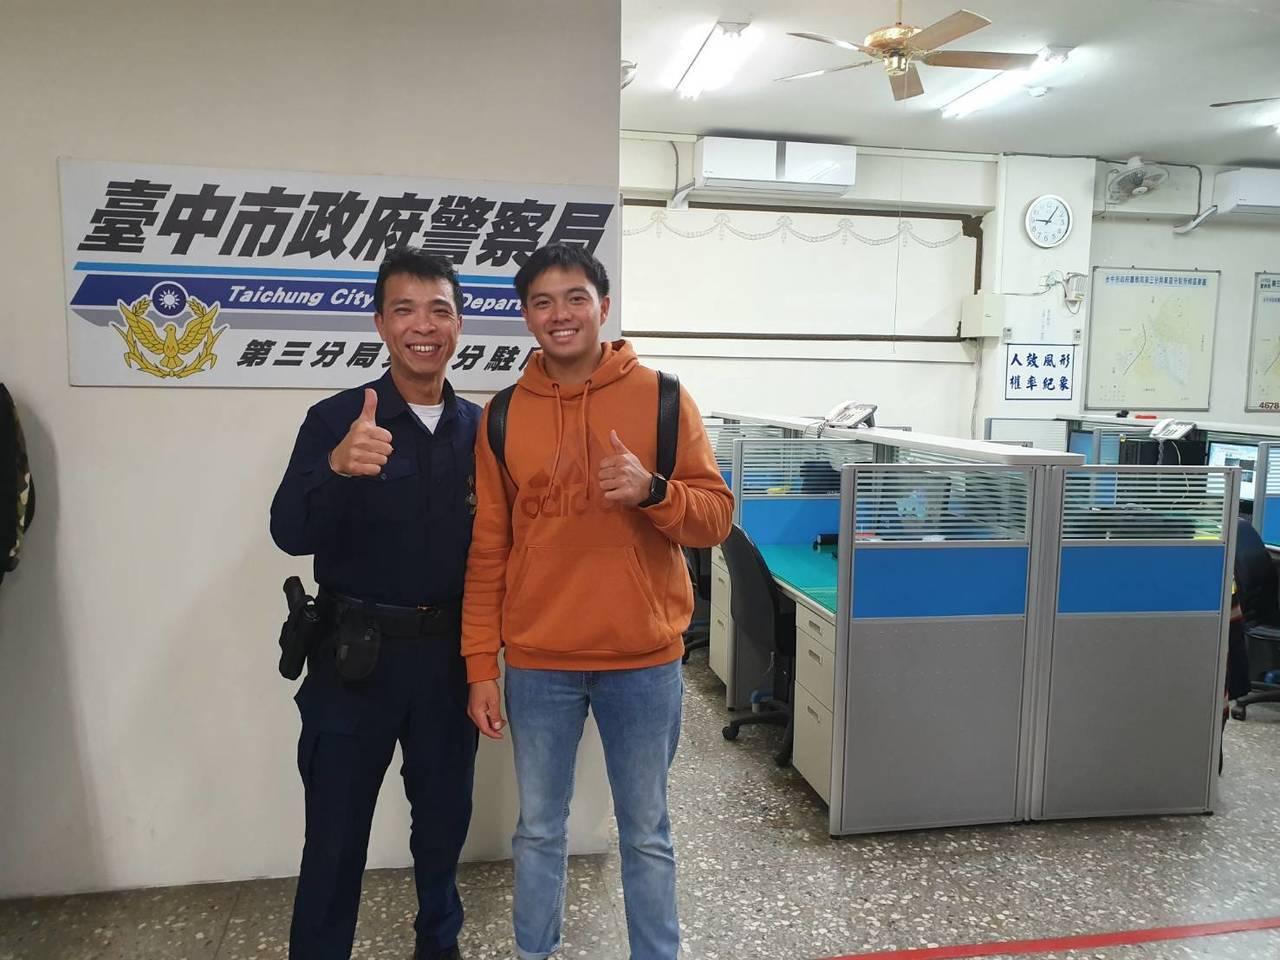 日本职棒西武狮的台湾旅日球员吴念庭(右)手机遗失报警,所内员警一秒变身小粉丝,要...